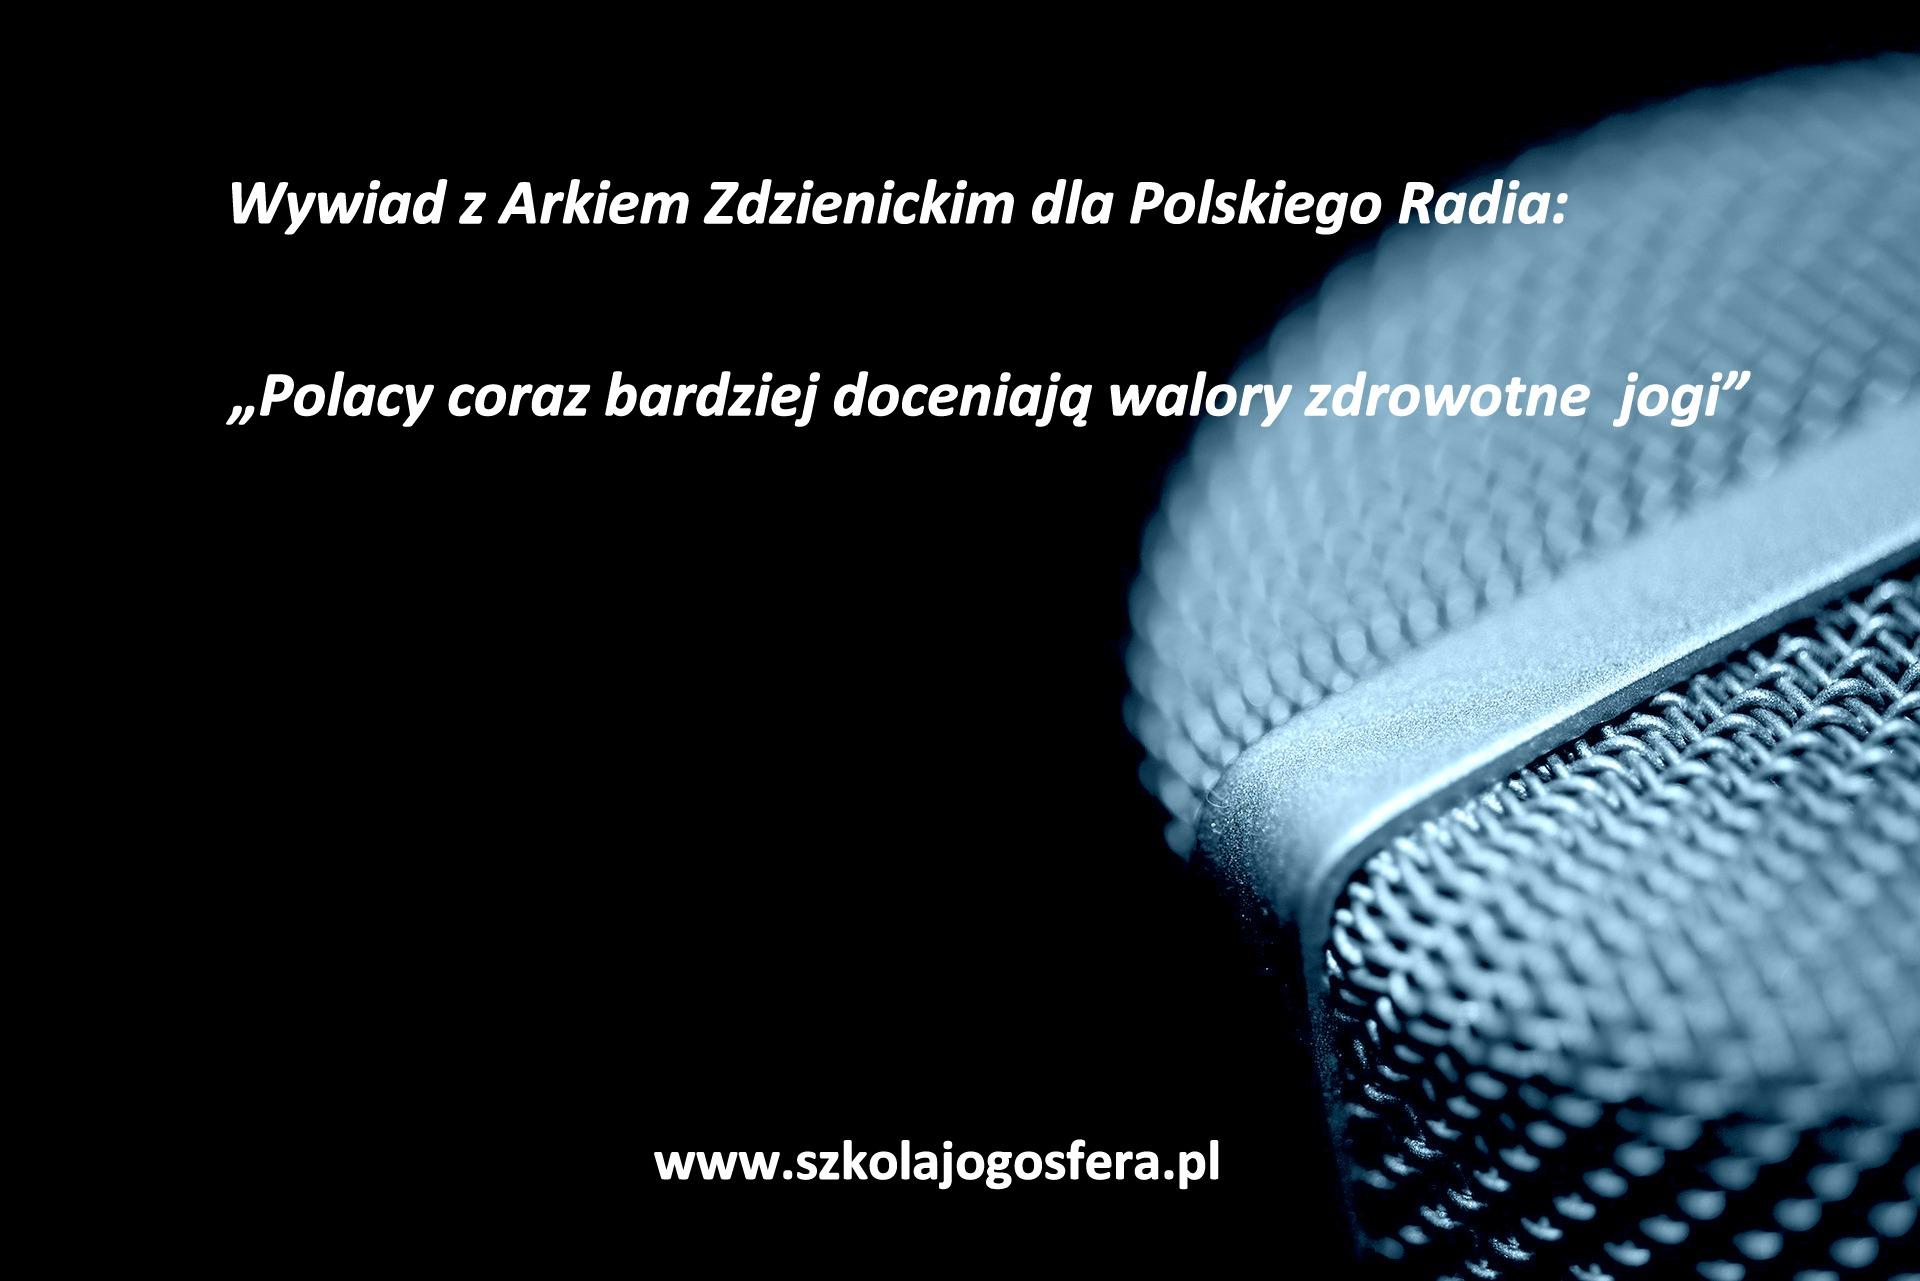 Arek Zdzienicki wywiad